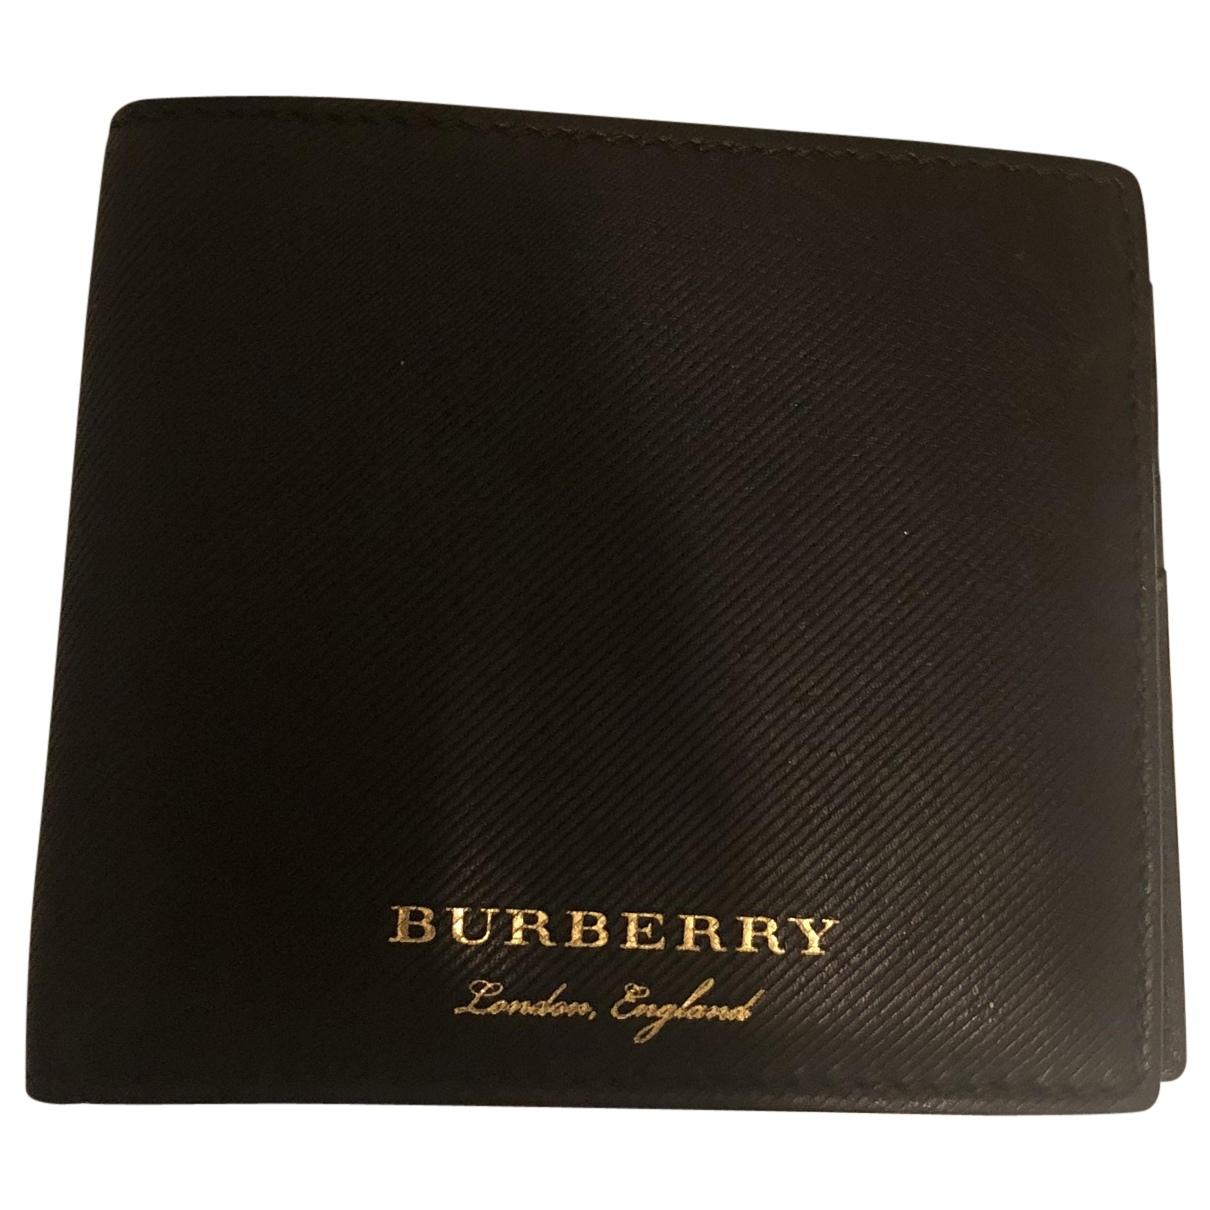 Burberry - Petite maroquinerie   pour homme en cuir - noir